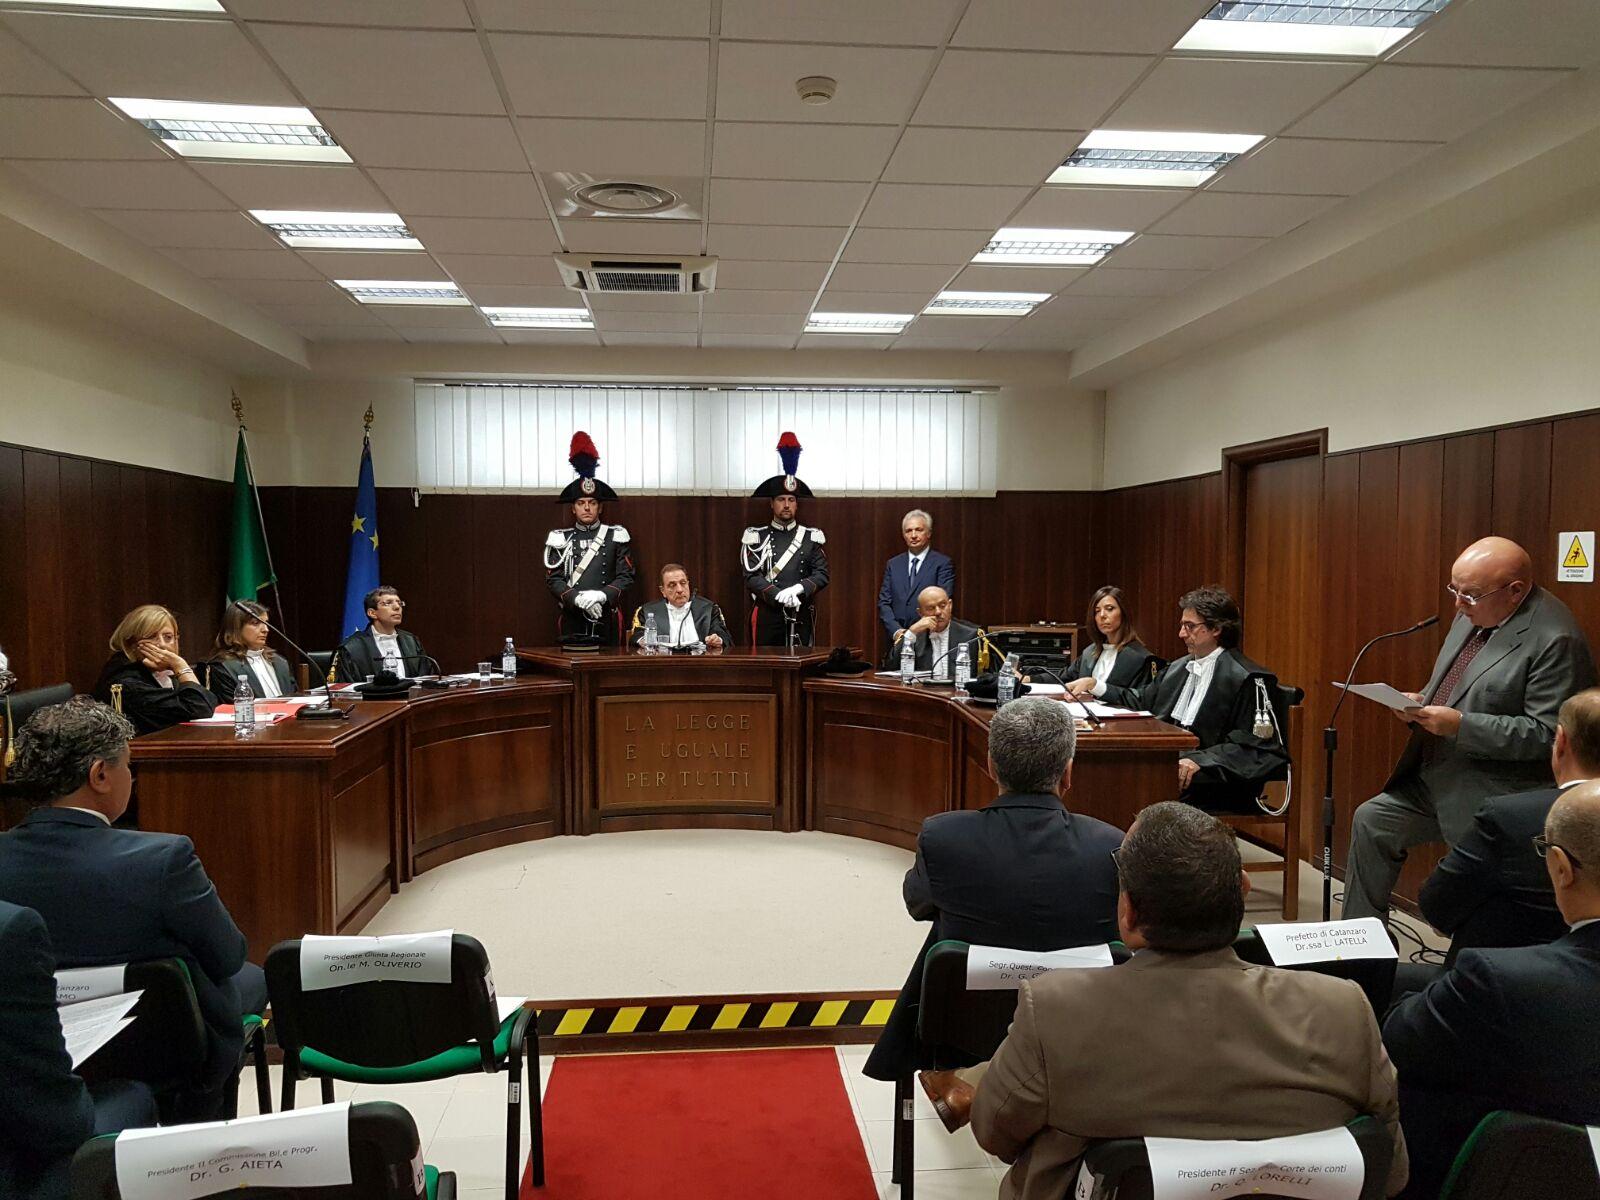 Corte dei conti boccia la Regione: inadempienze e ritardiFondi per studenti e disabili restituiti allo Stato